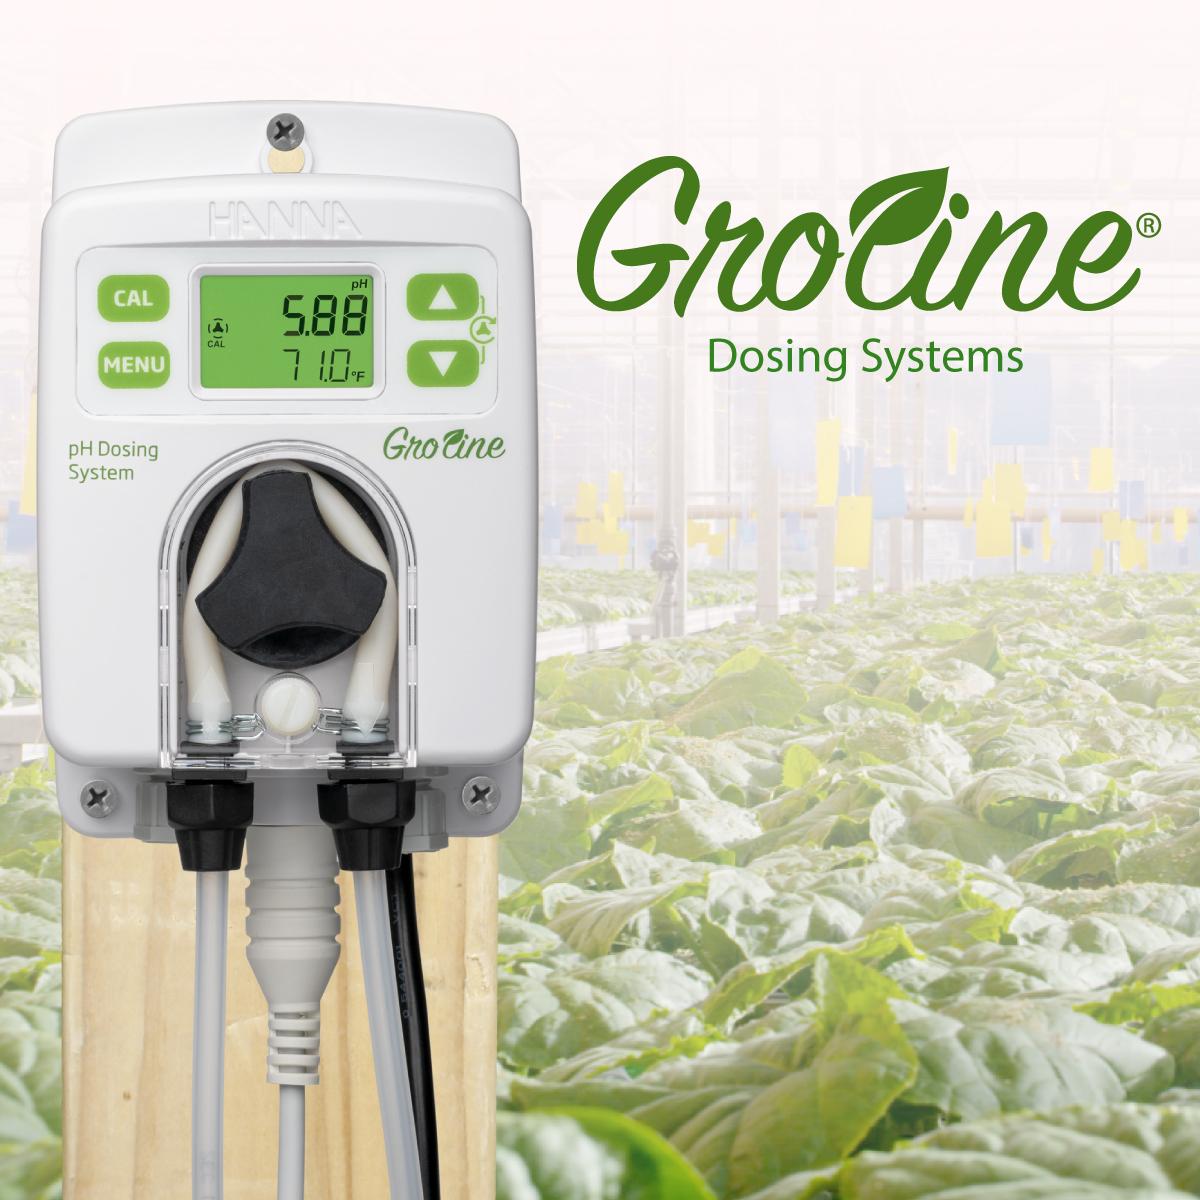 Hanna-Instruments-GroLine-Dosing-Systems-HI981412-HI981413